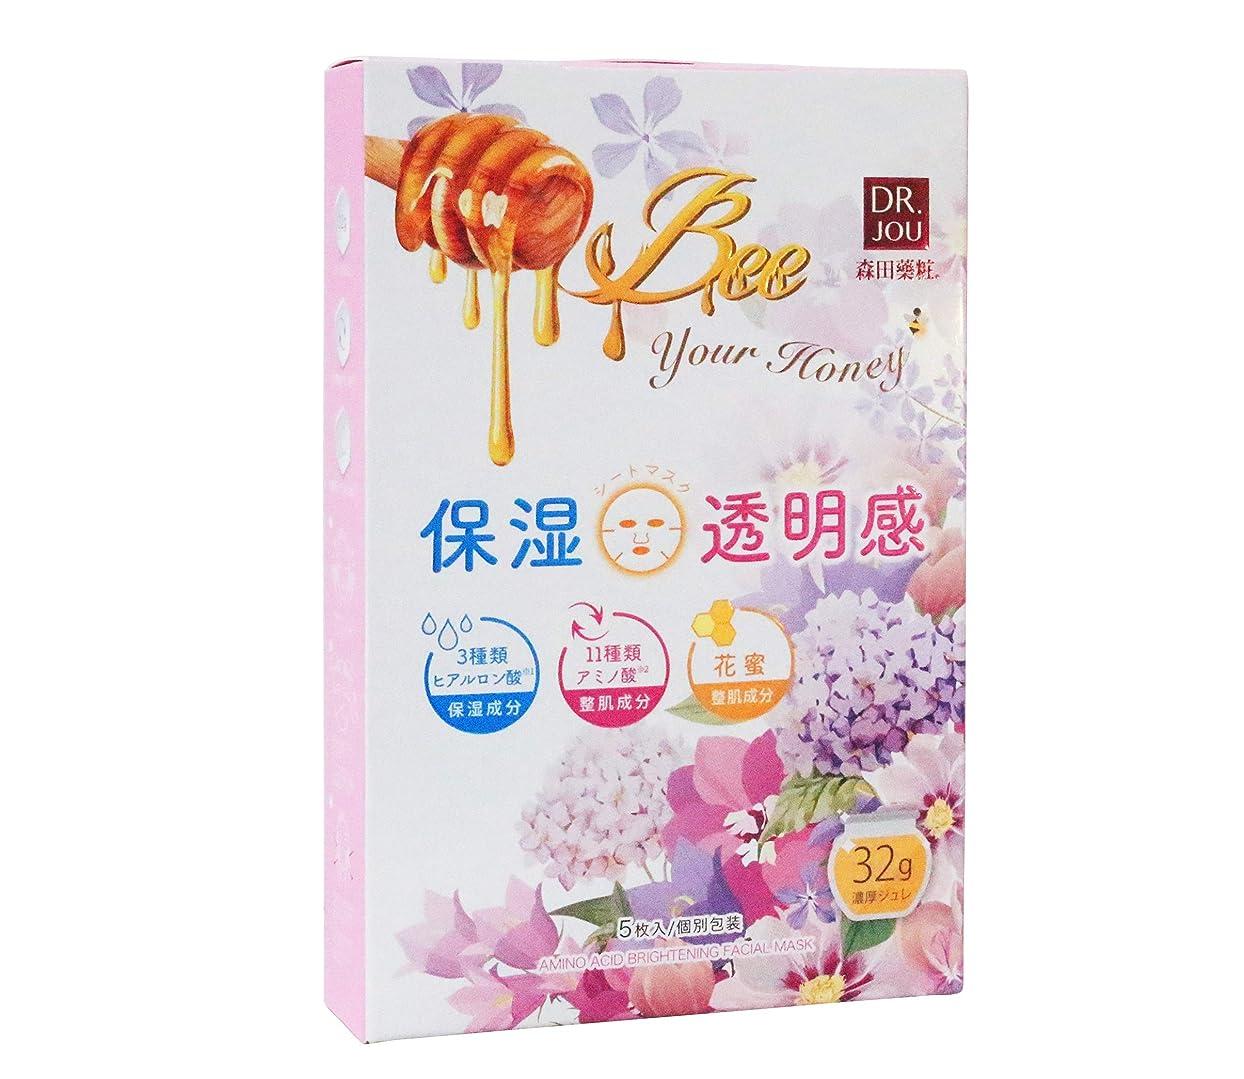 不足ビン数学《 森田薬粧 DR.JOU 》 花蜜11種類アミノ酸シートマスク 保湿×透明感(5枚)